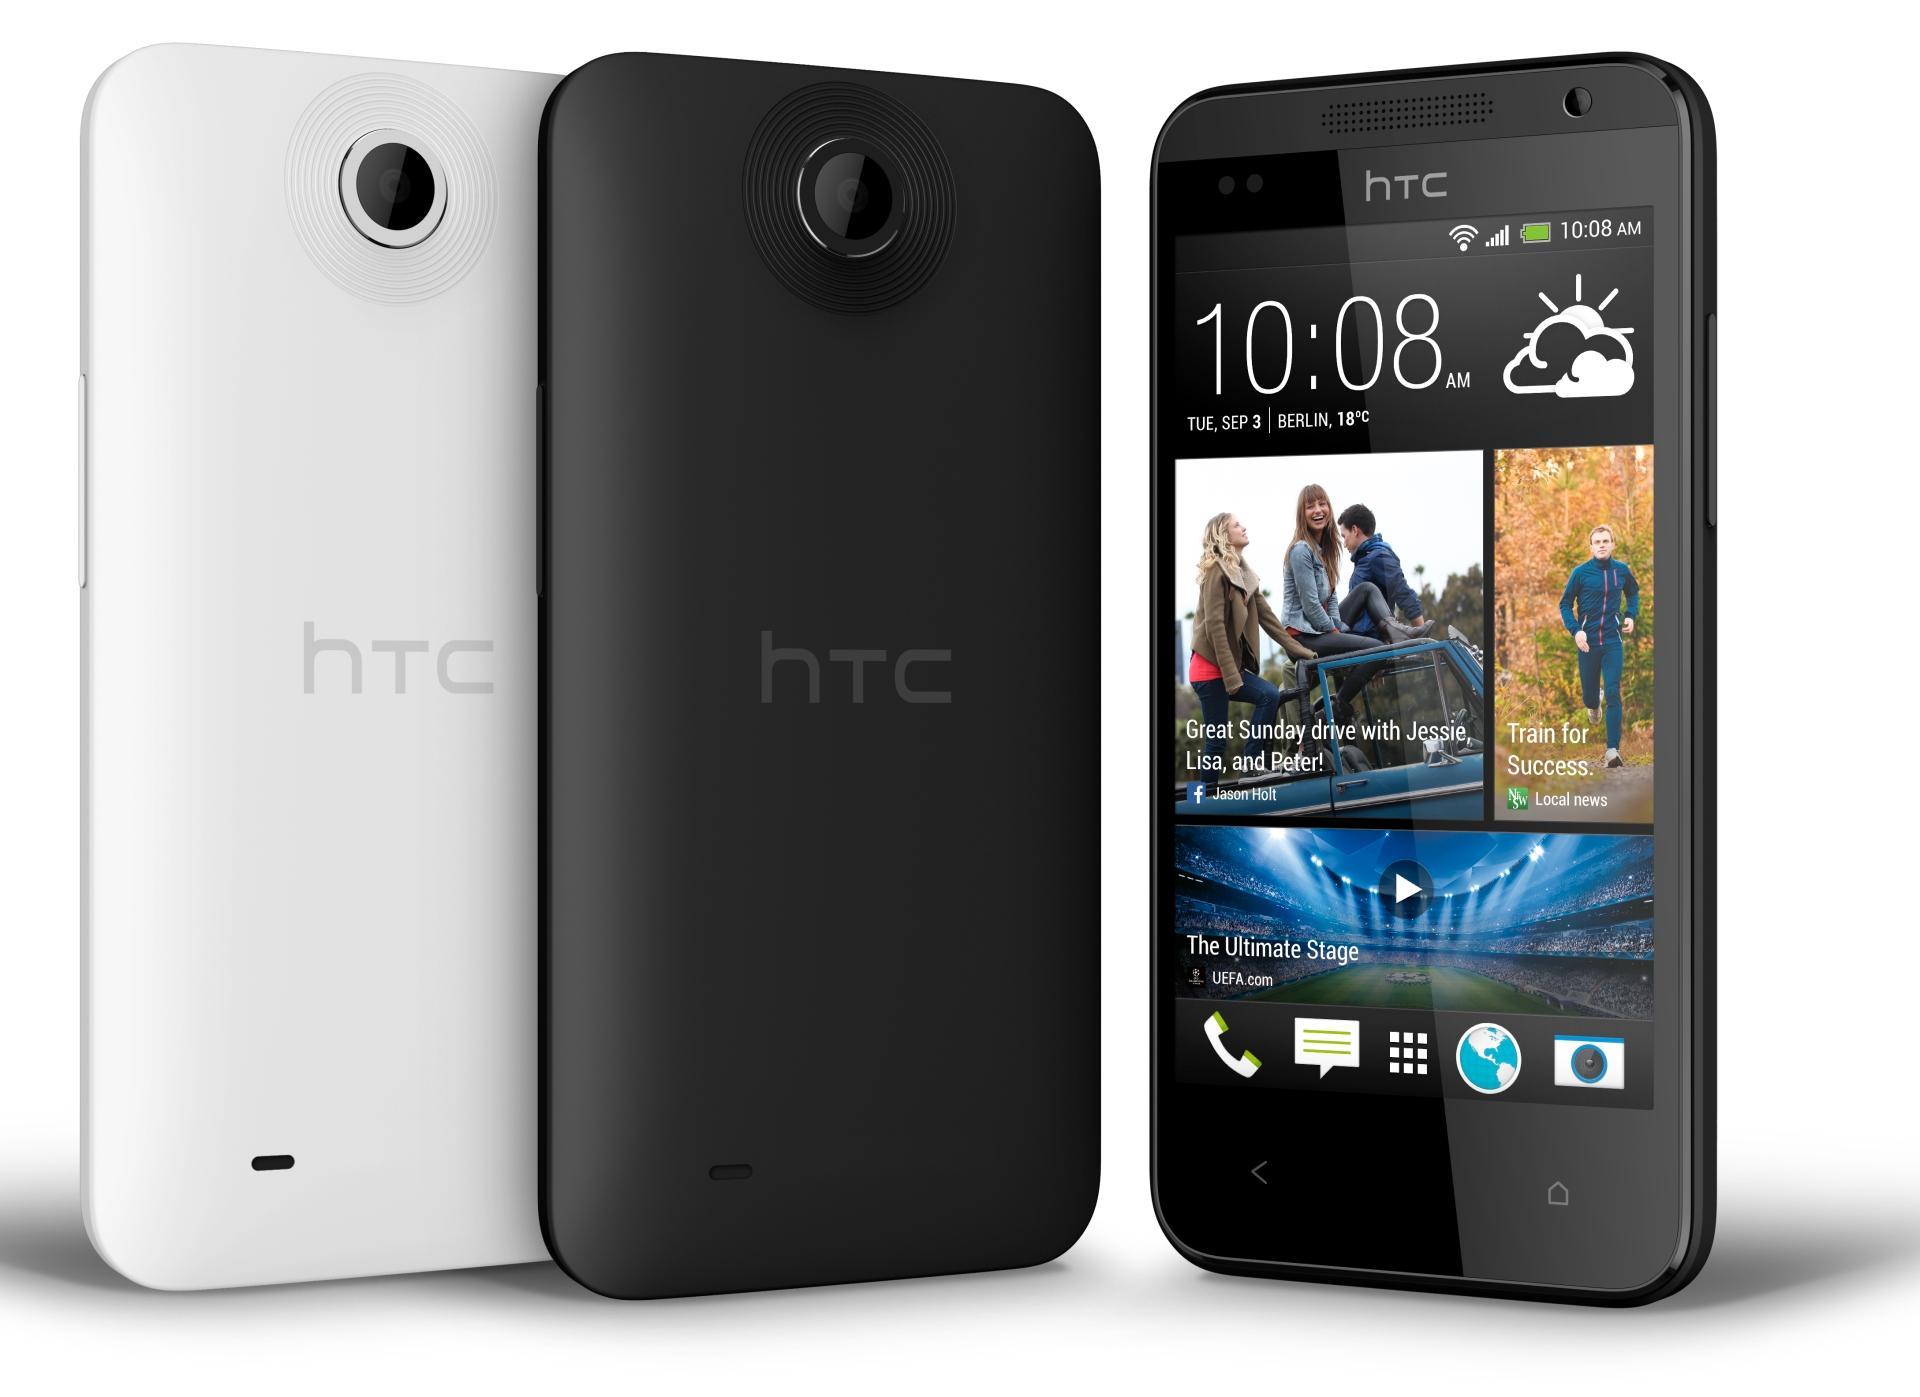 Desire 300 skal være en rimelig telefon i HTCs utvalg. Nøyaktig hva prisen vil bli er foreløpig ukjent.Foto: HTC